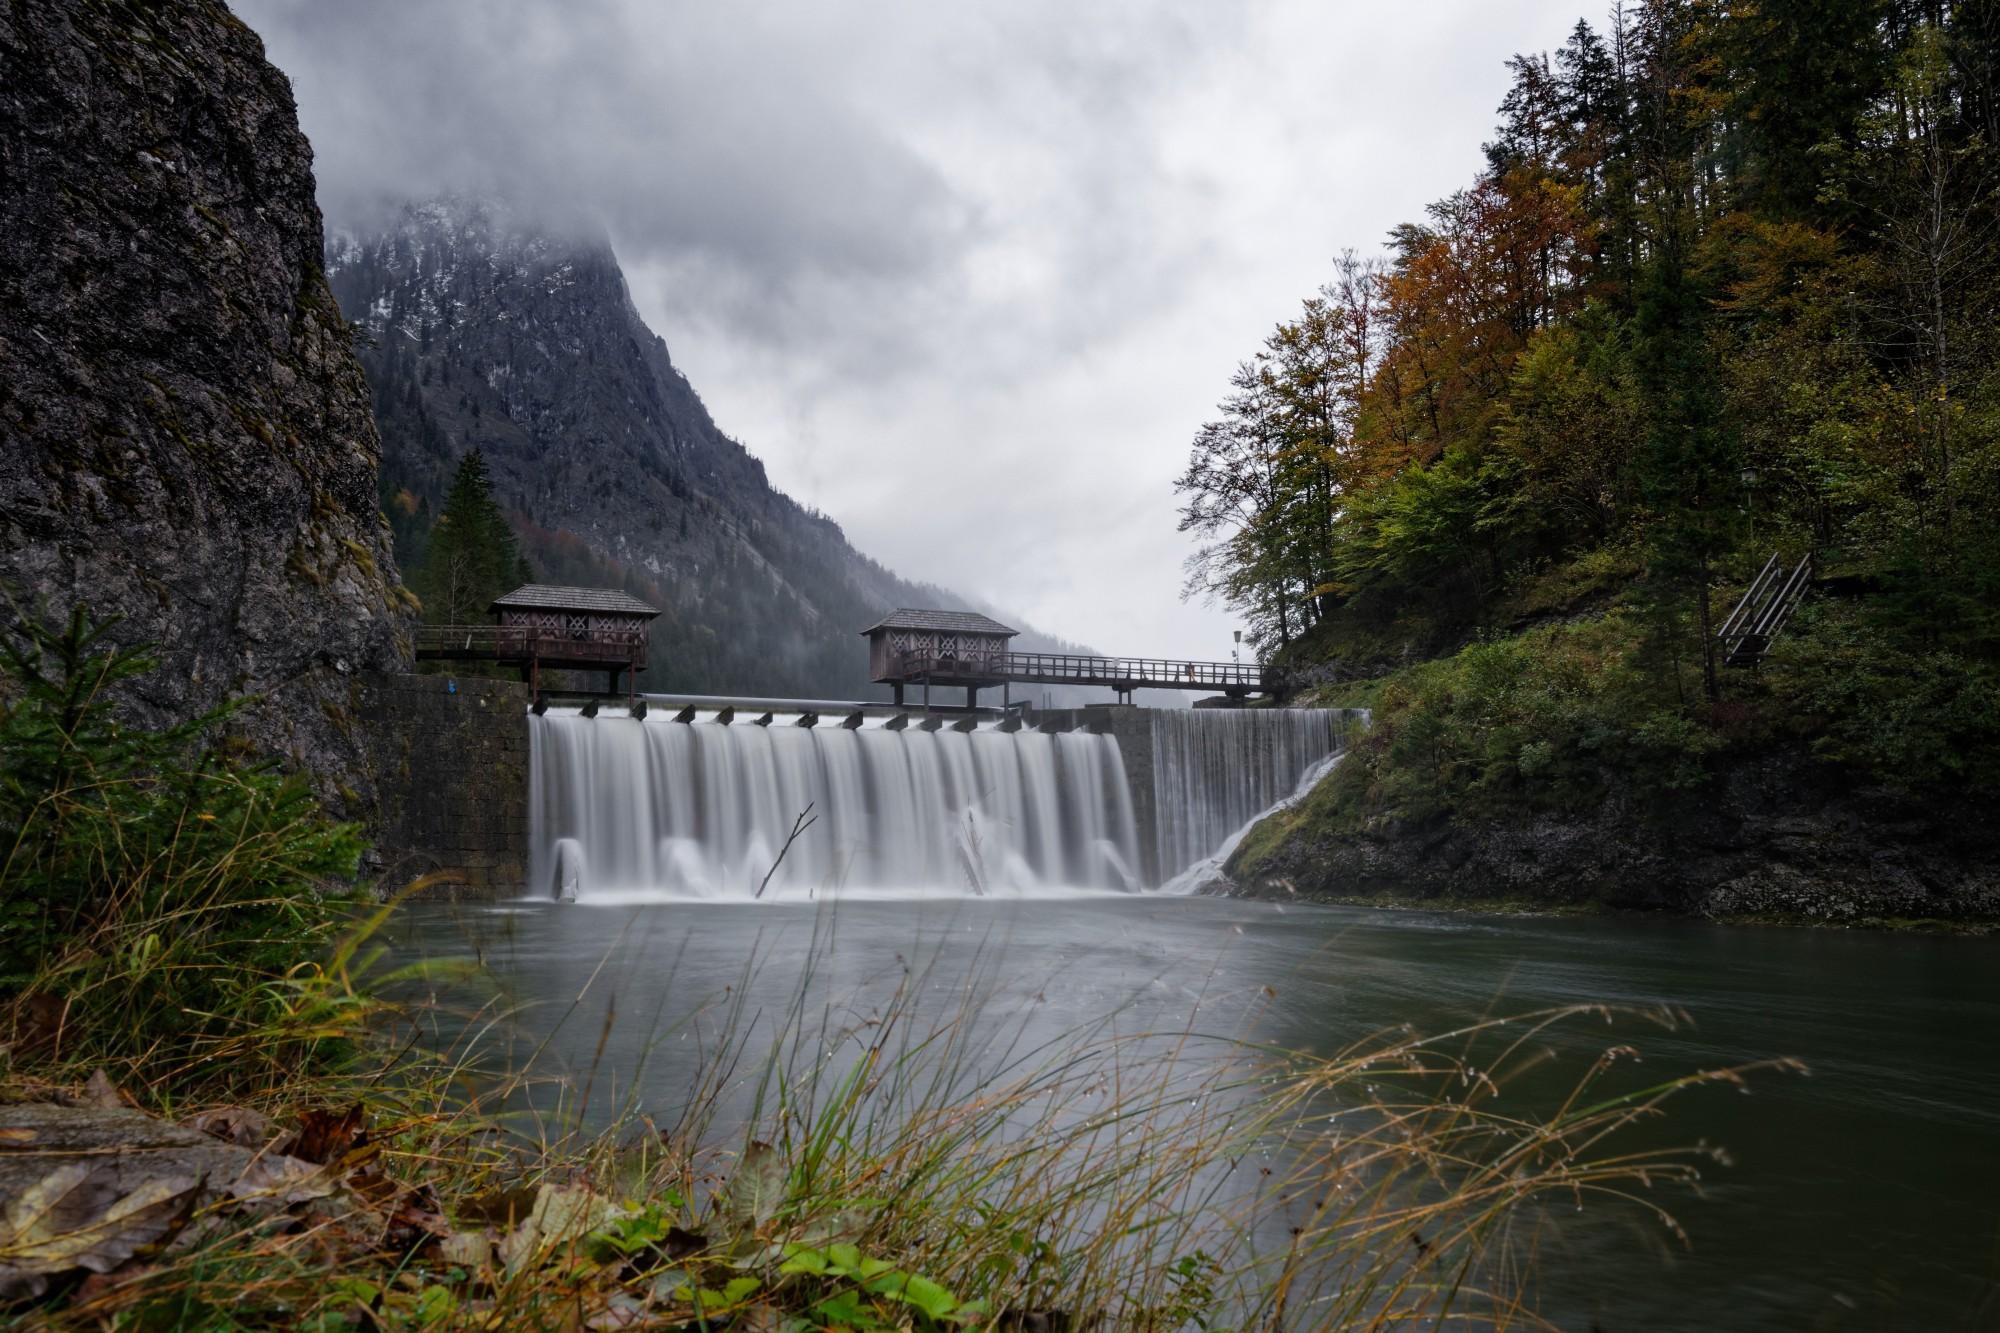 prescenyklause bei hochwasser 2020-10-20